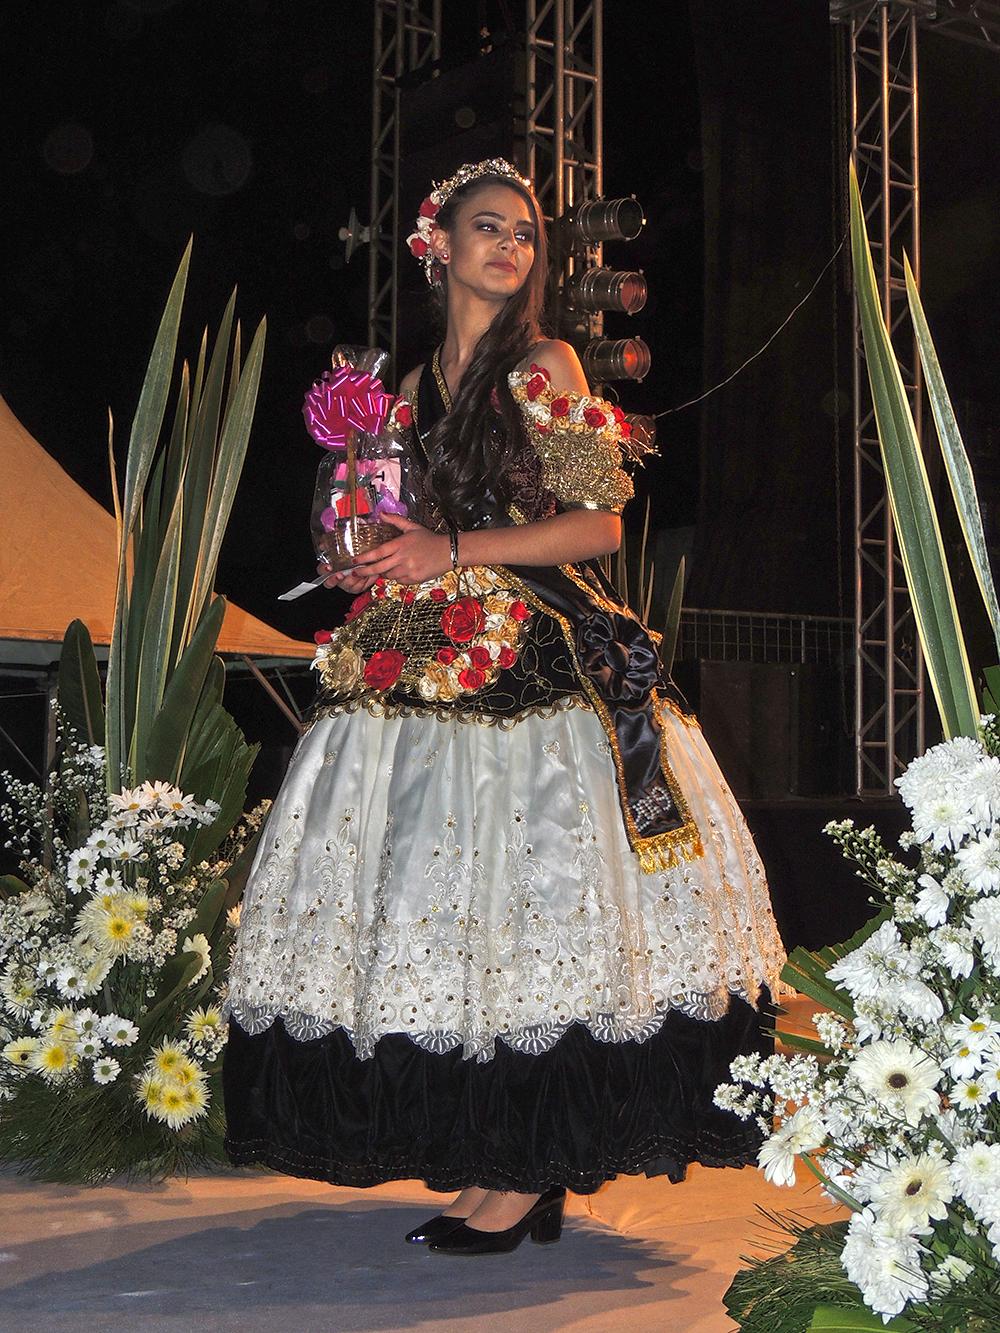 Rainha do 42º Festival de Carros de Boi de Ibertioga.